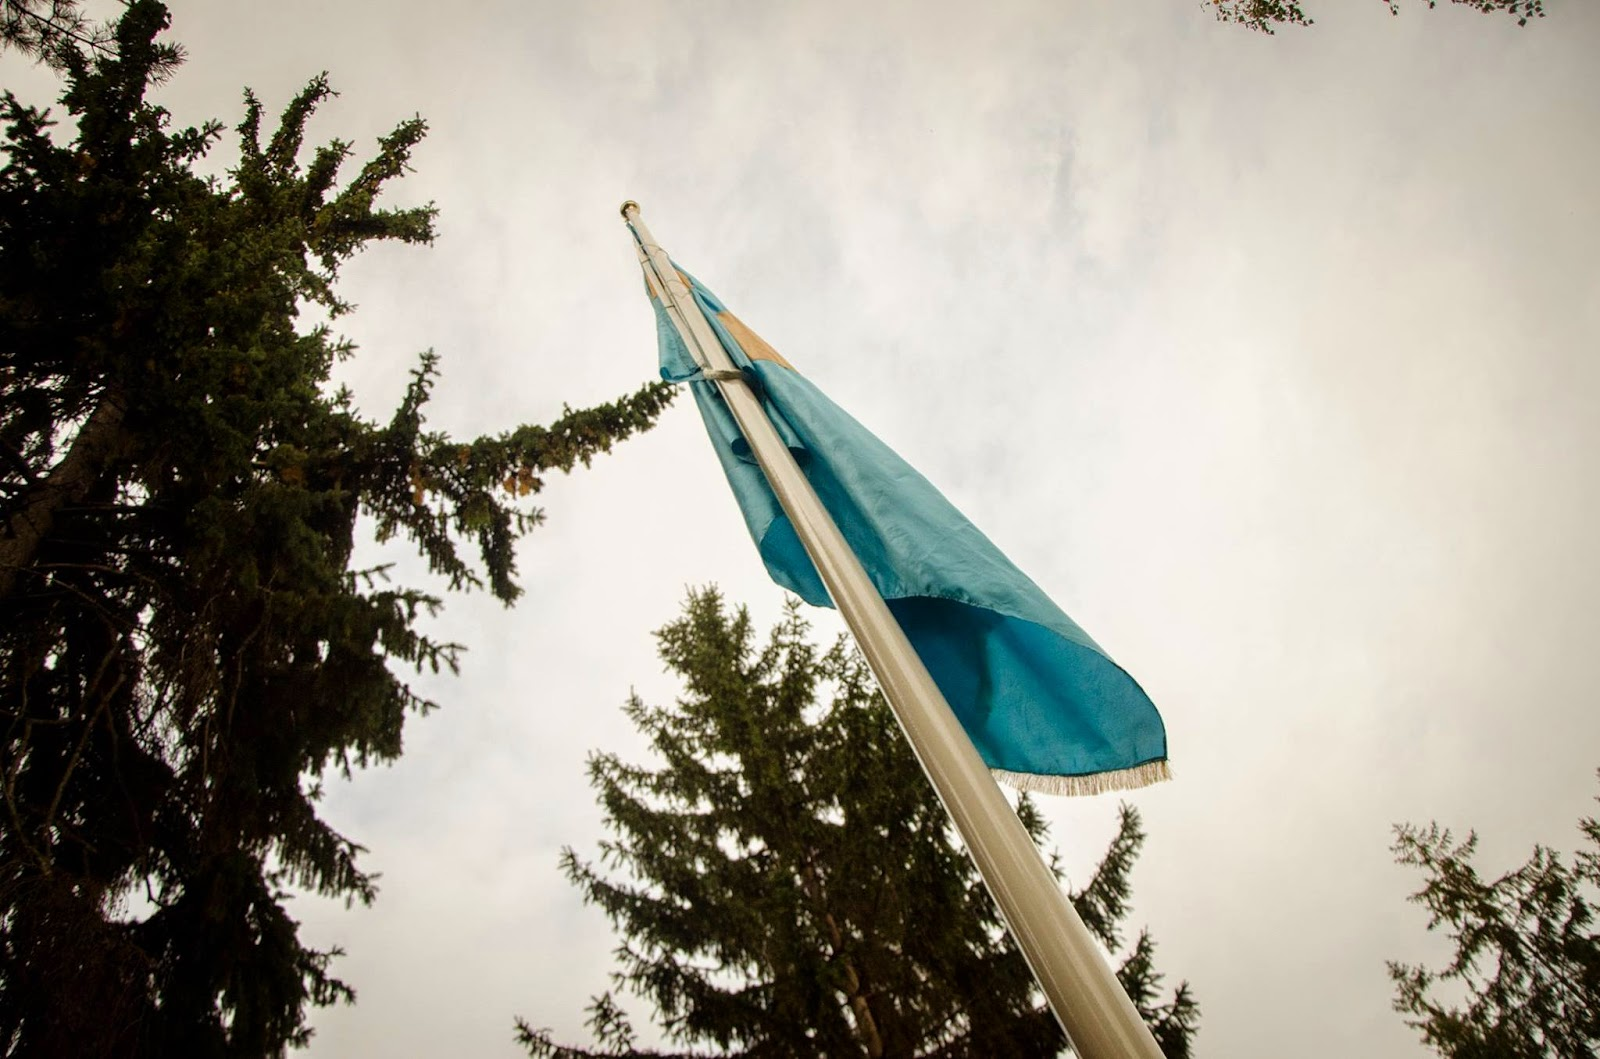 székely zászló, Székelyudvarhely, Székelyföld, nemzeti szimbólumok, magyarság,